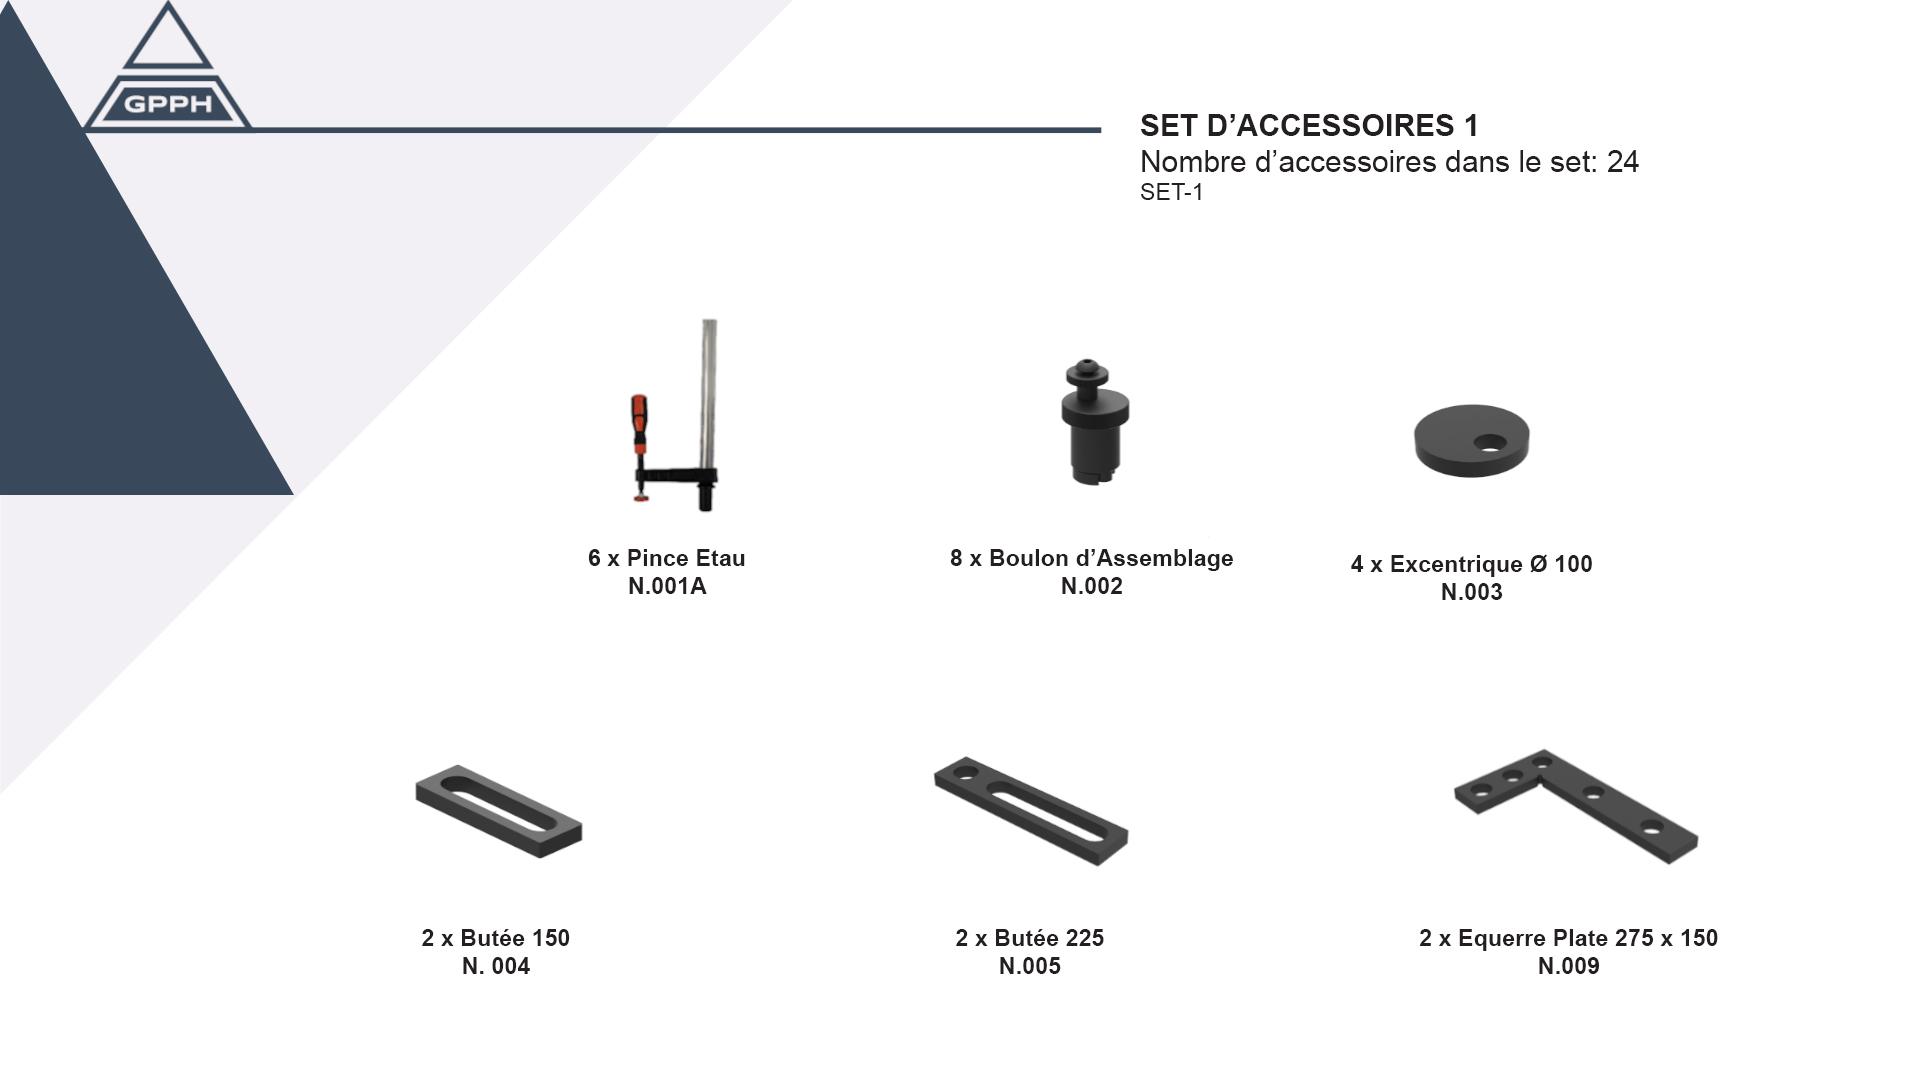 set-1 accessoires GPPH